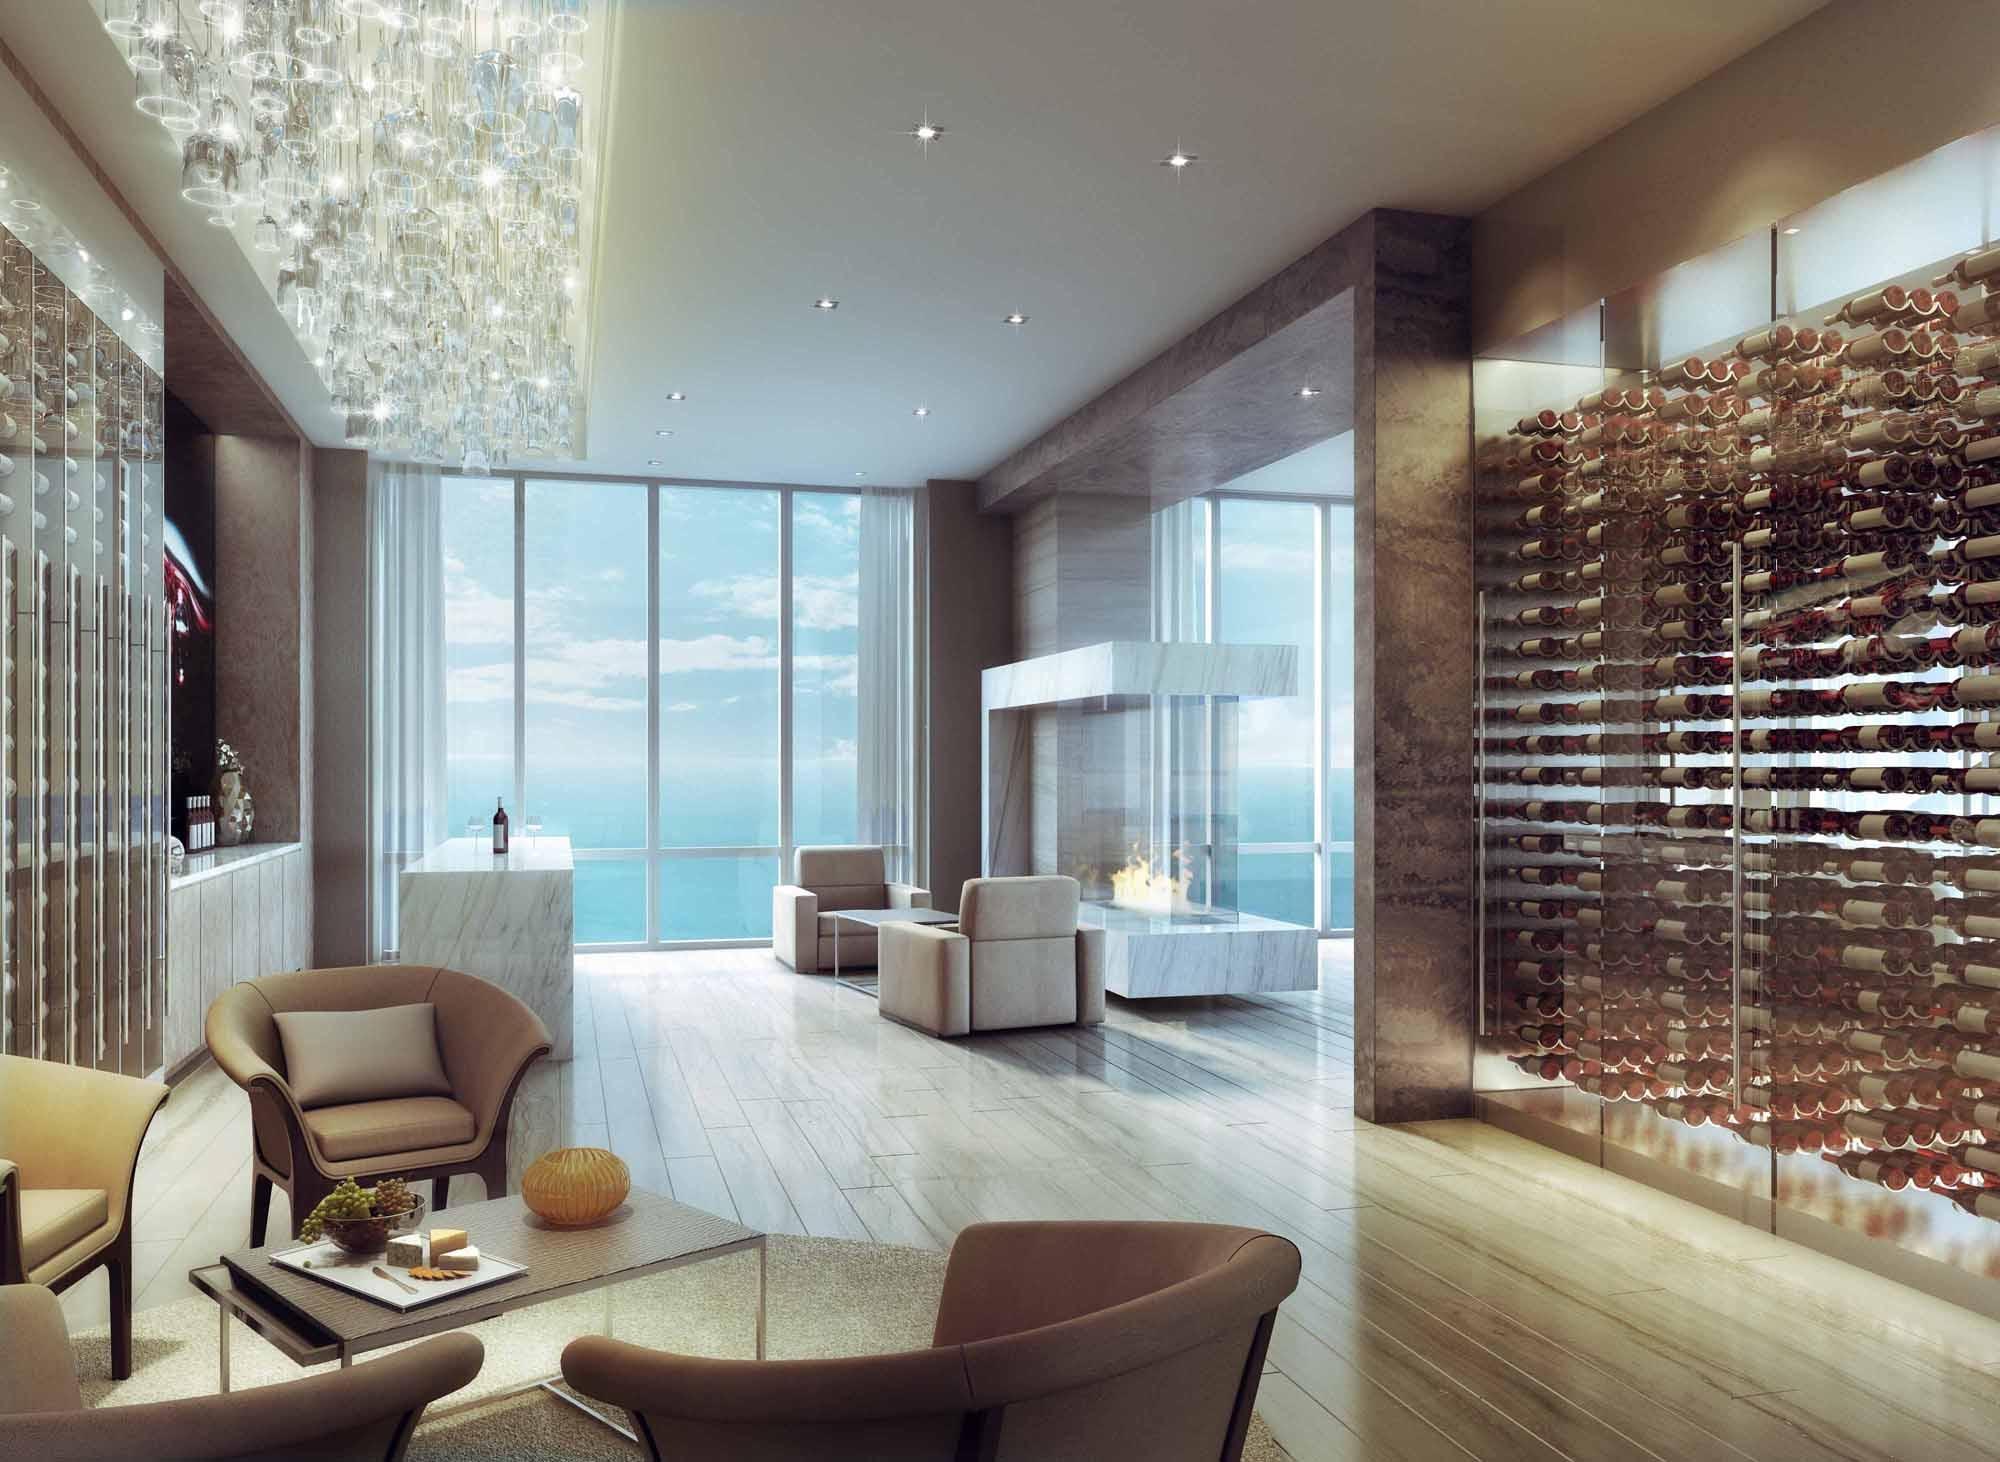 Acqualina Mansions Condos - The Mansions at Acqualina Condominium ...